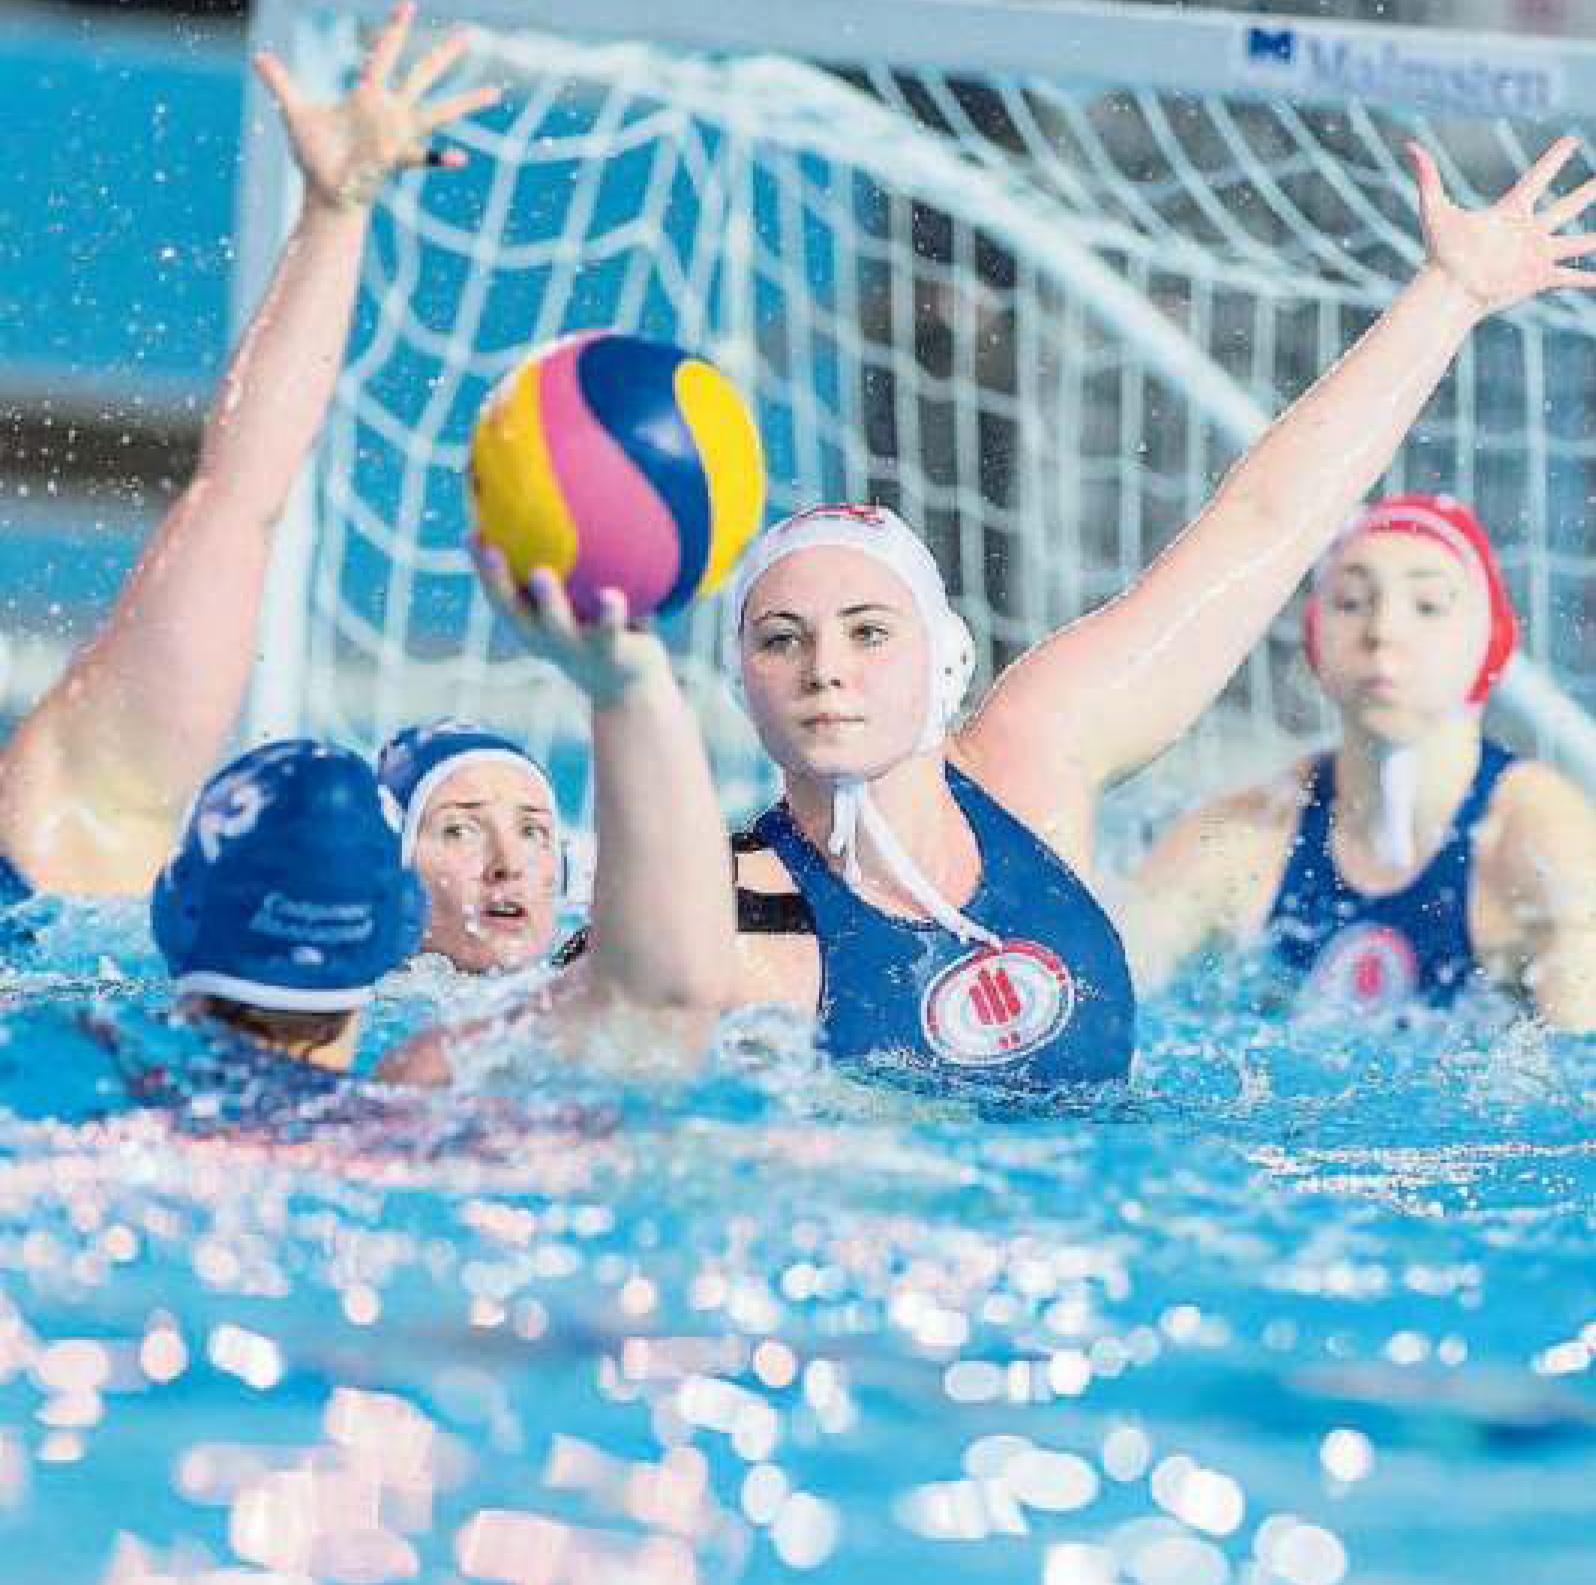 Under 20 femminile: scatta il Mondiale di Funchal, Lucrezia Cergol e Dafne Bettini con l'Italia. E nella Russia c'è Polina Kemp